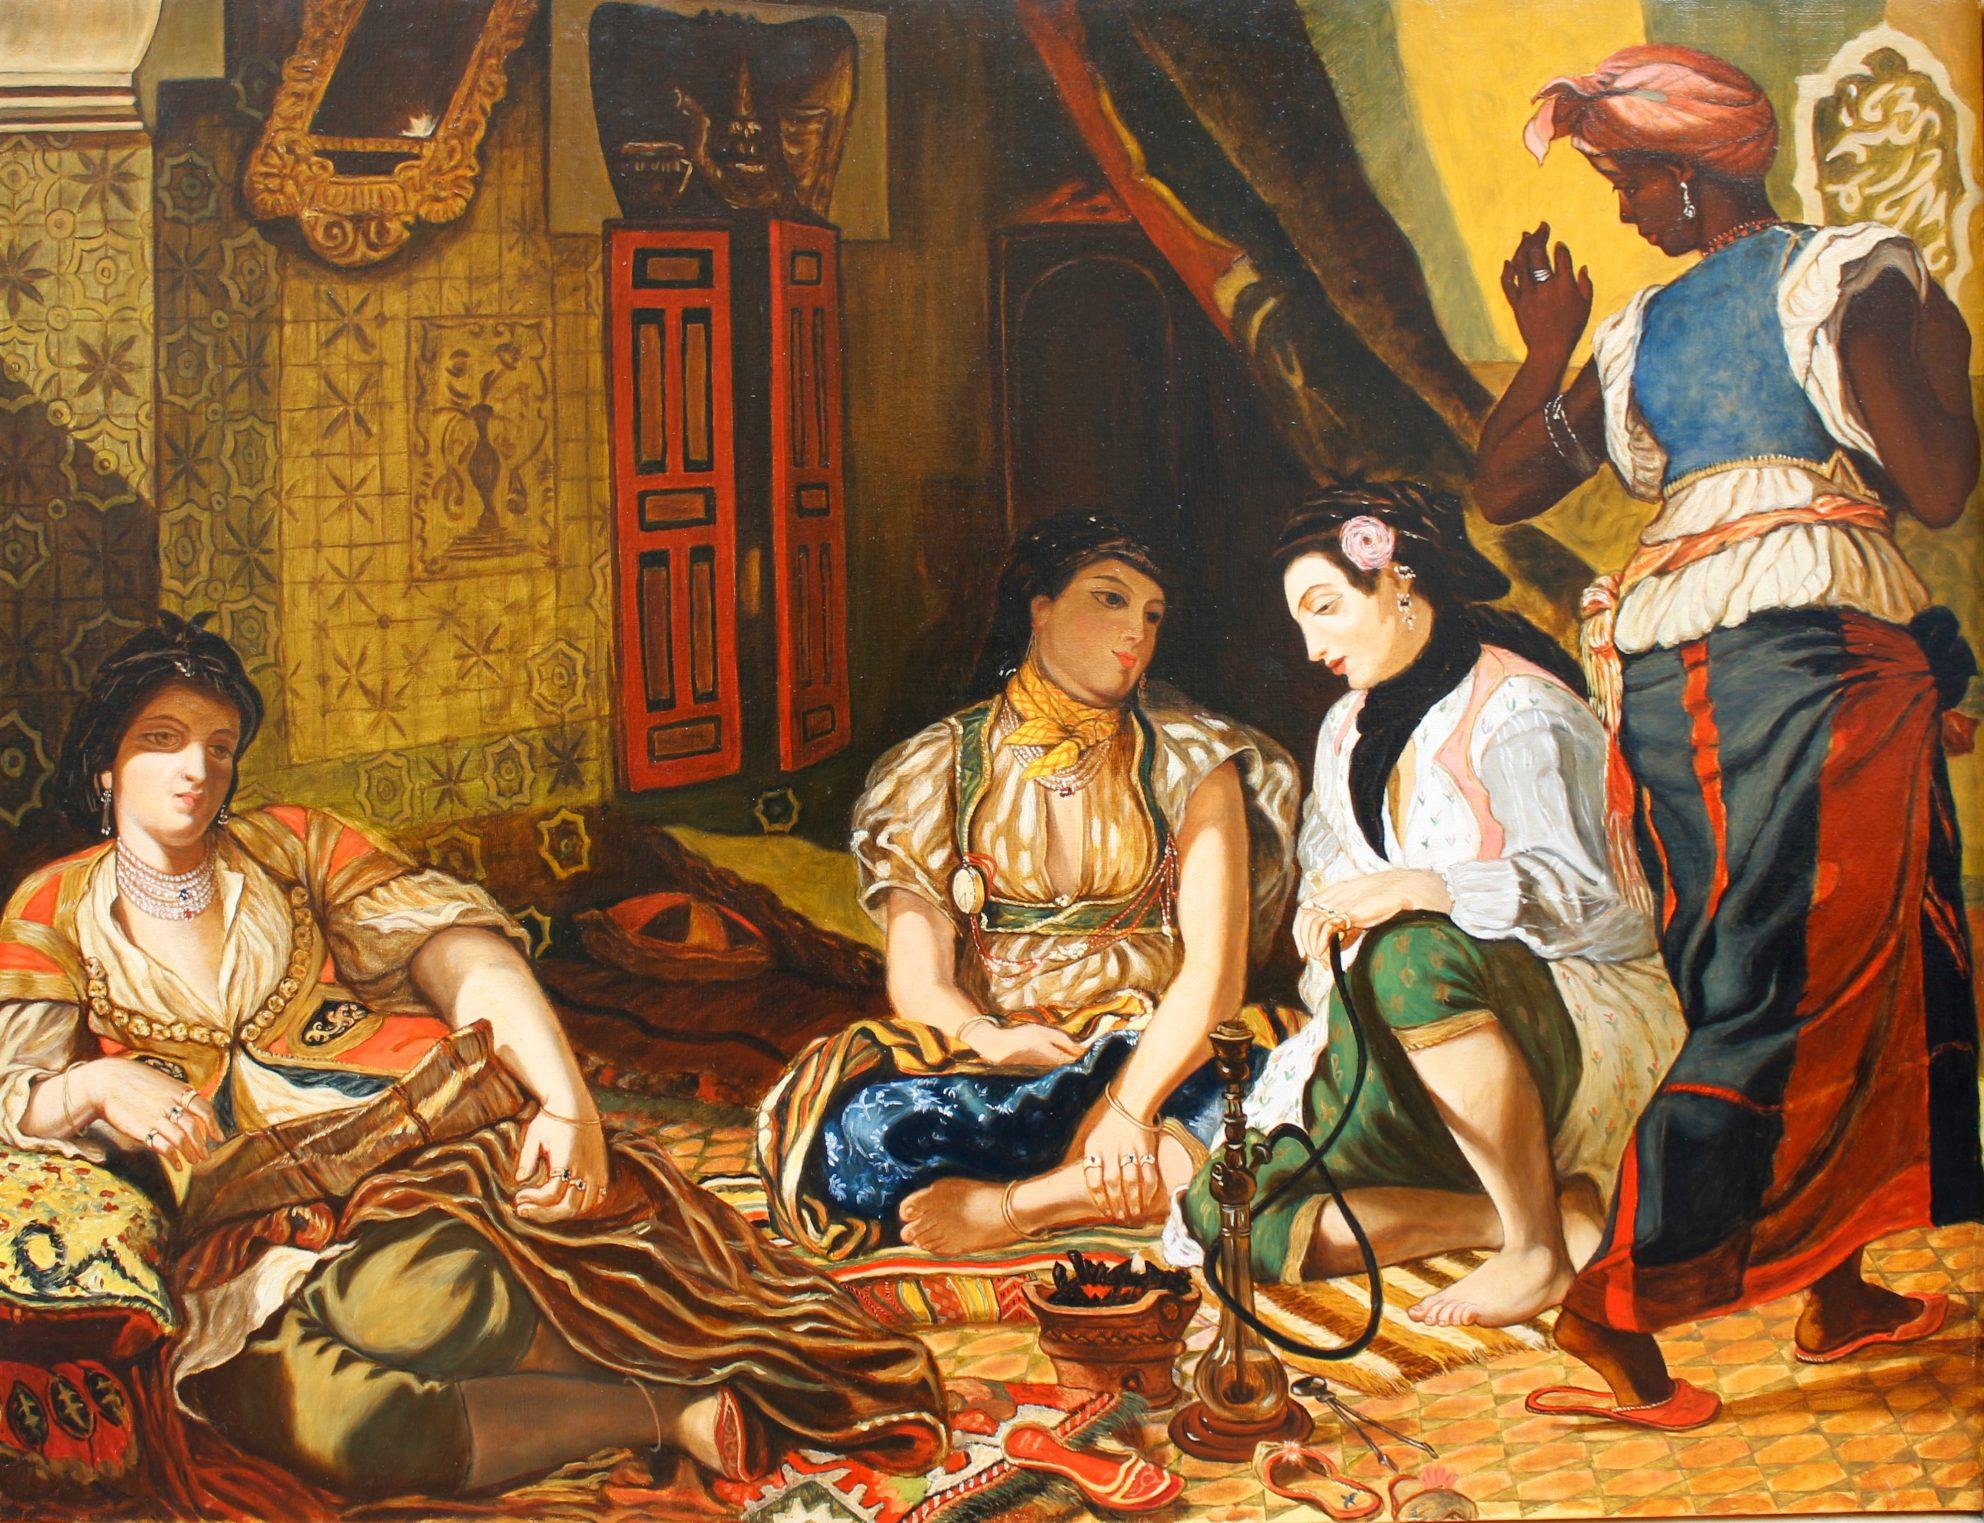 Copie de tableau sur commande | Delacroix